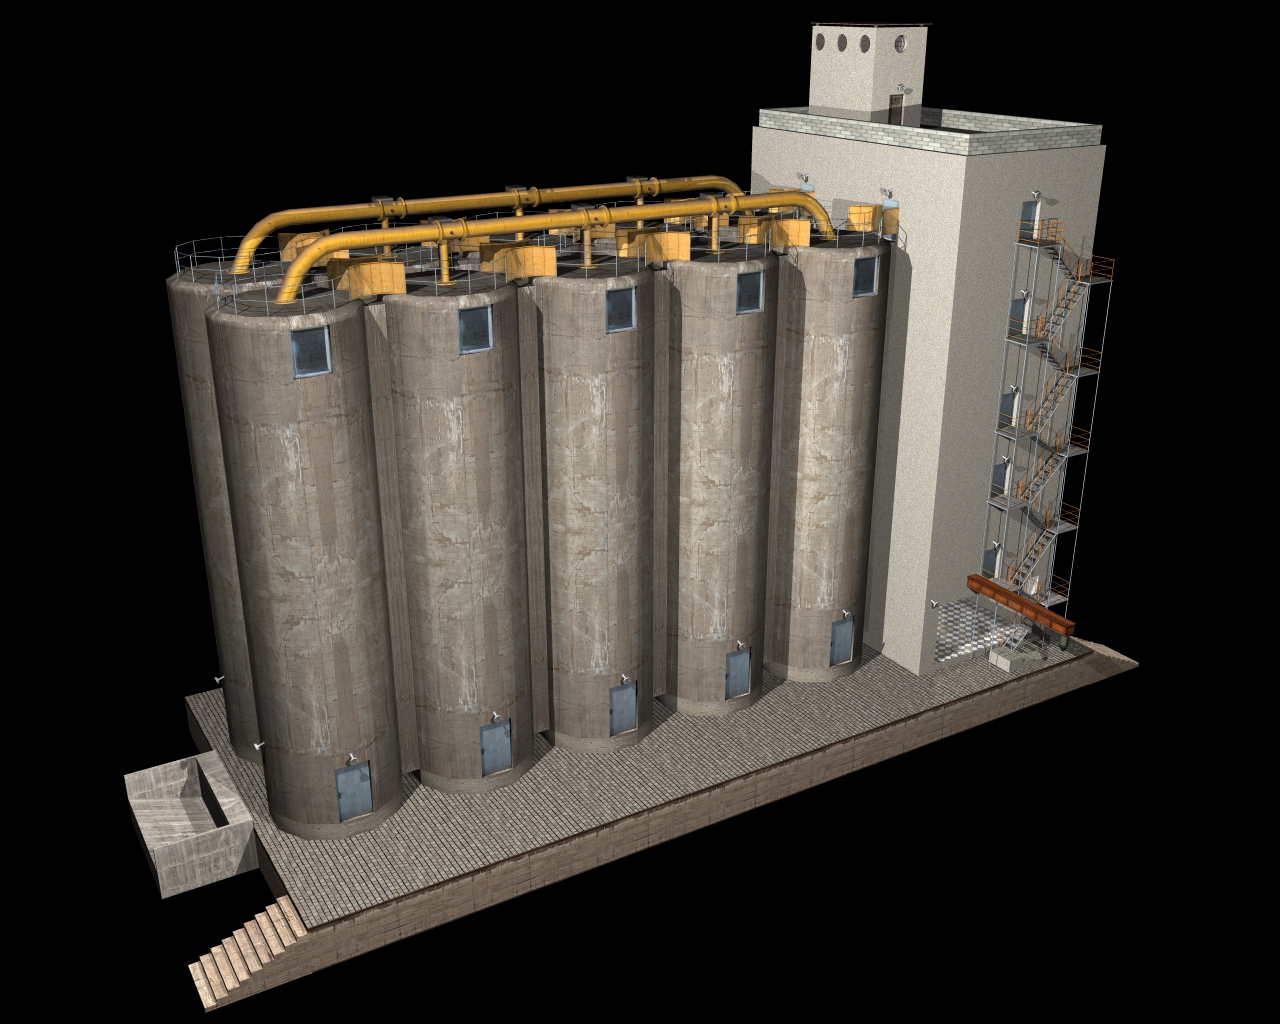 silo2 3d model 3ds 164456